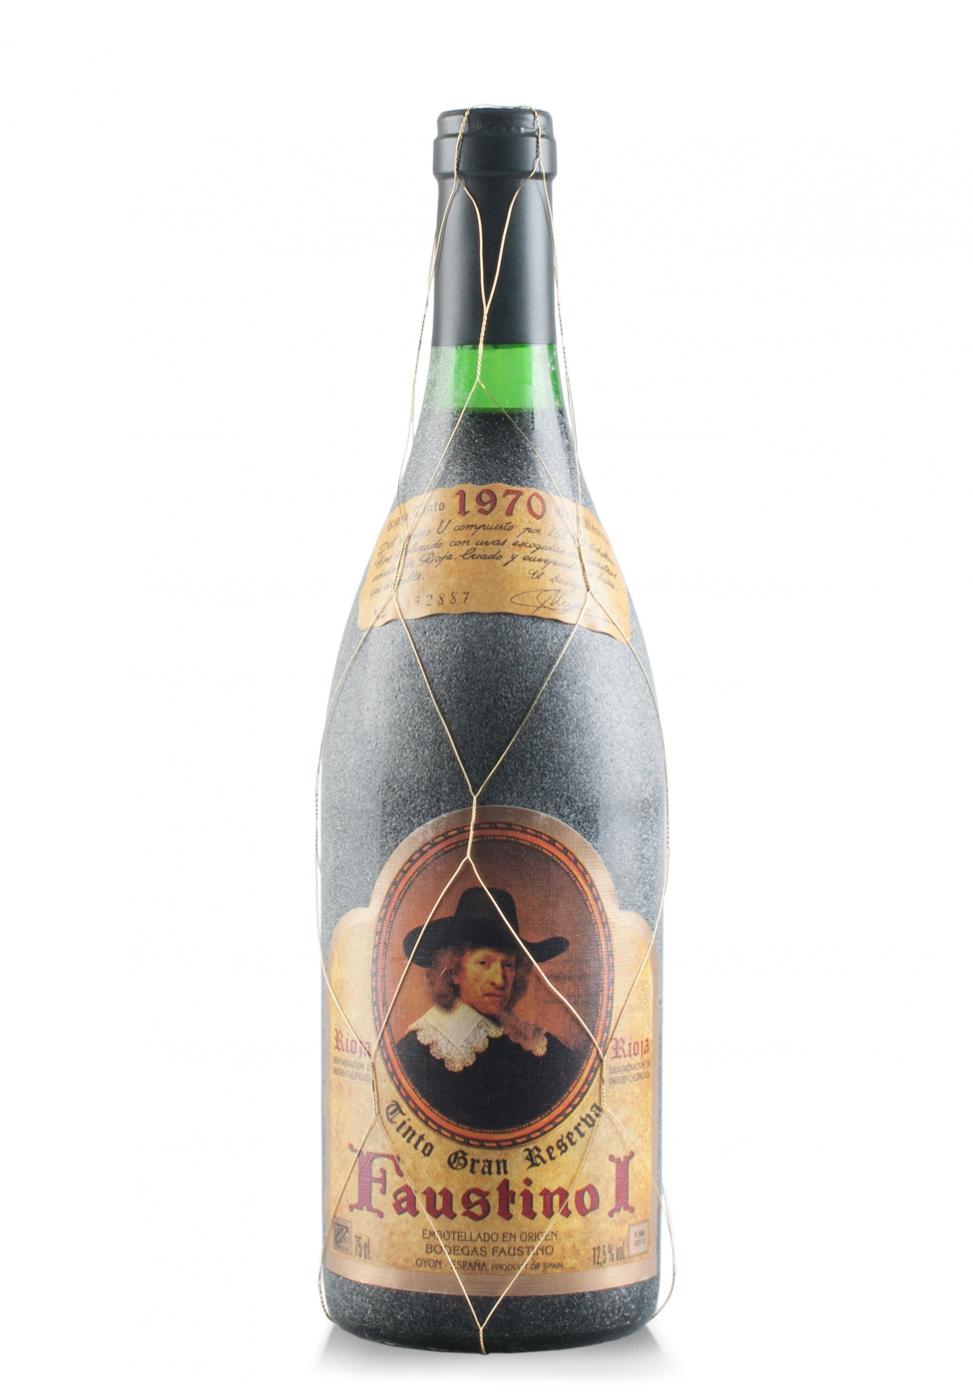 Vin Bodegas Faustino I Gran Reserva 1970, DOCa Rioja (0.75L)